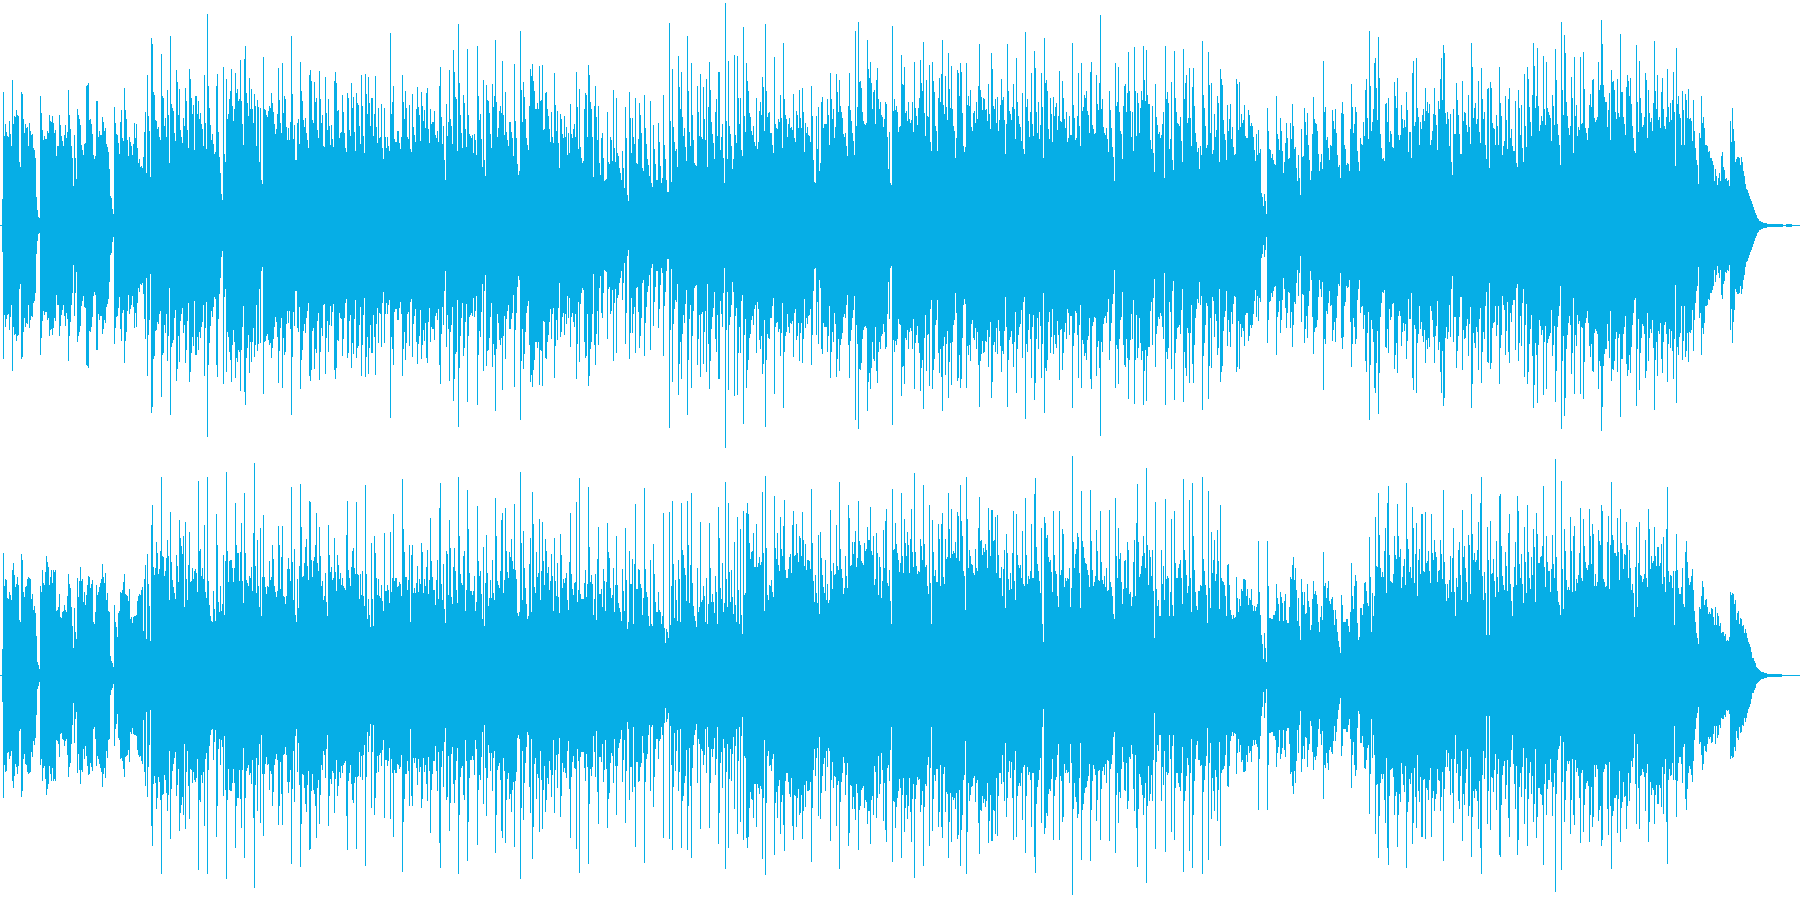 尺八とピアノによるはかない曲の再生済みの波形